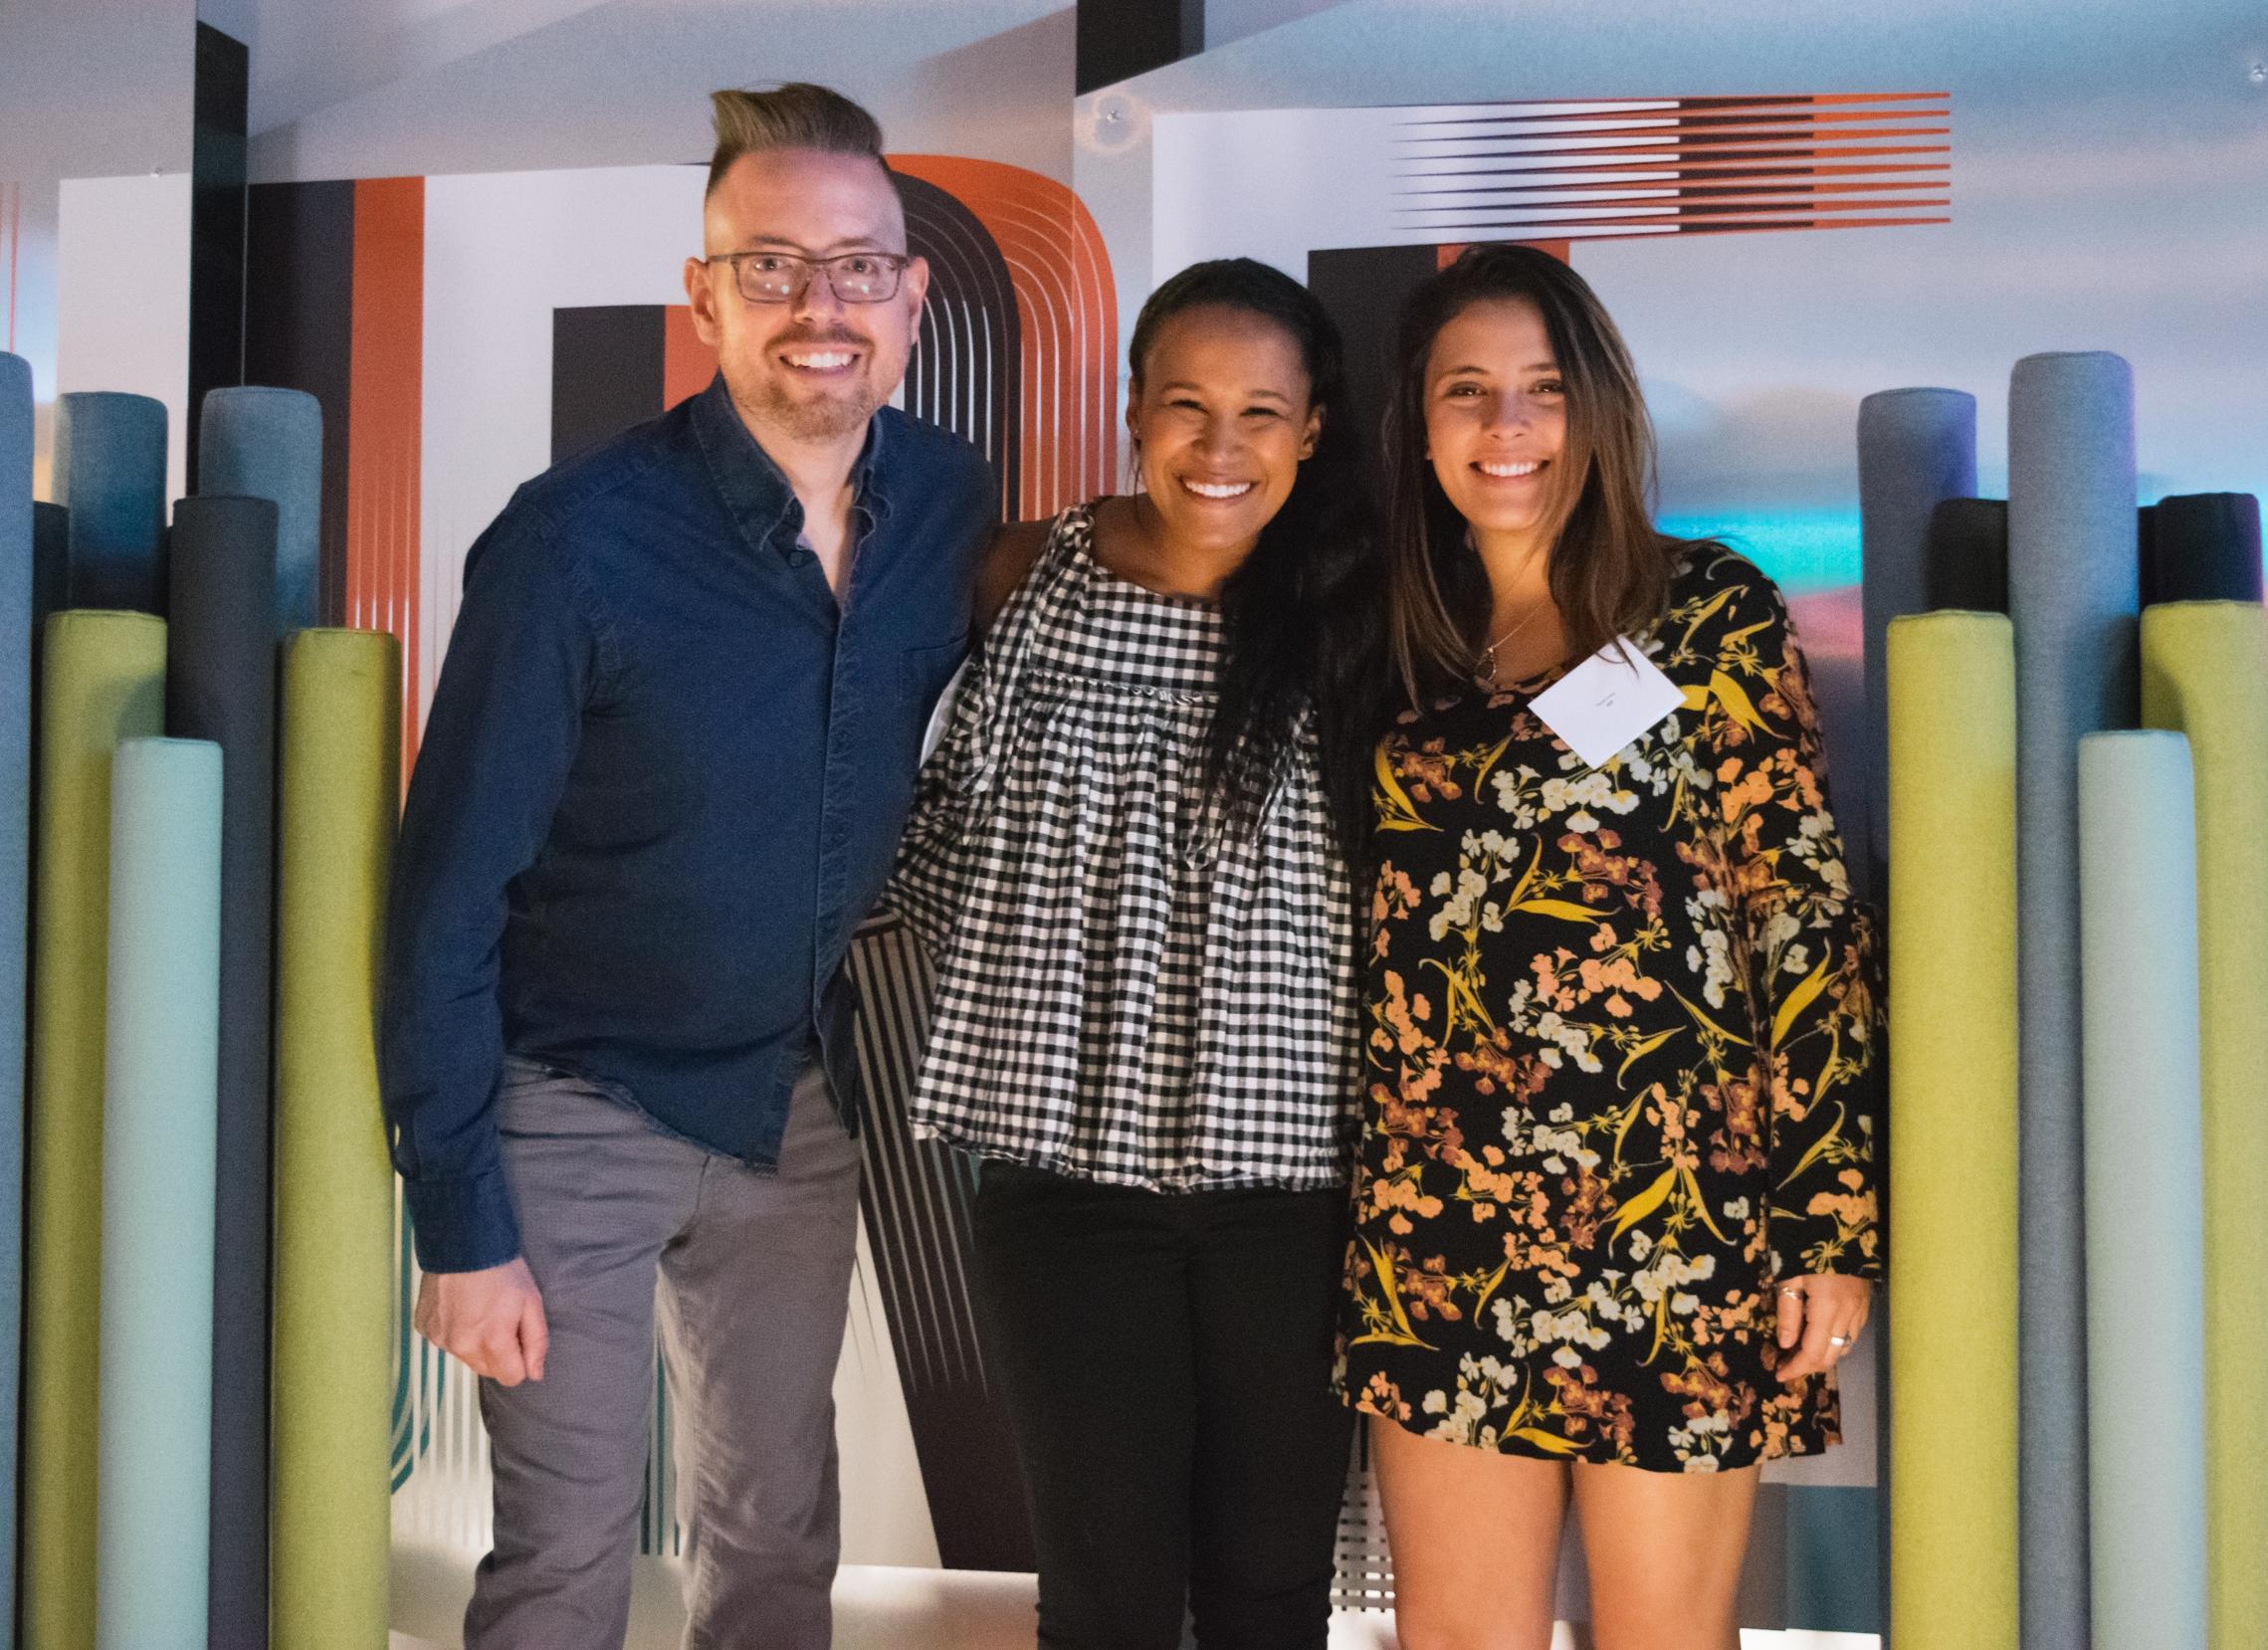 Design team (from left to right): Noah Jeppson, Siobhan Klinkenberg & Paula Vives